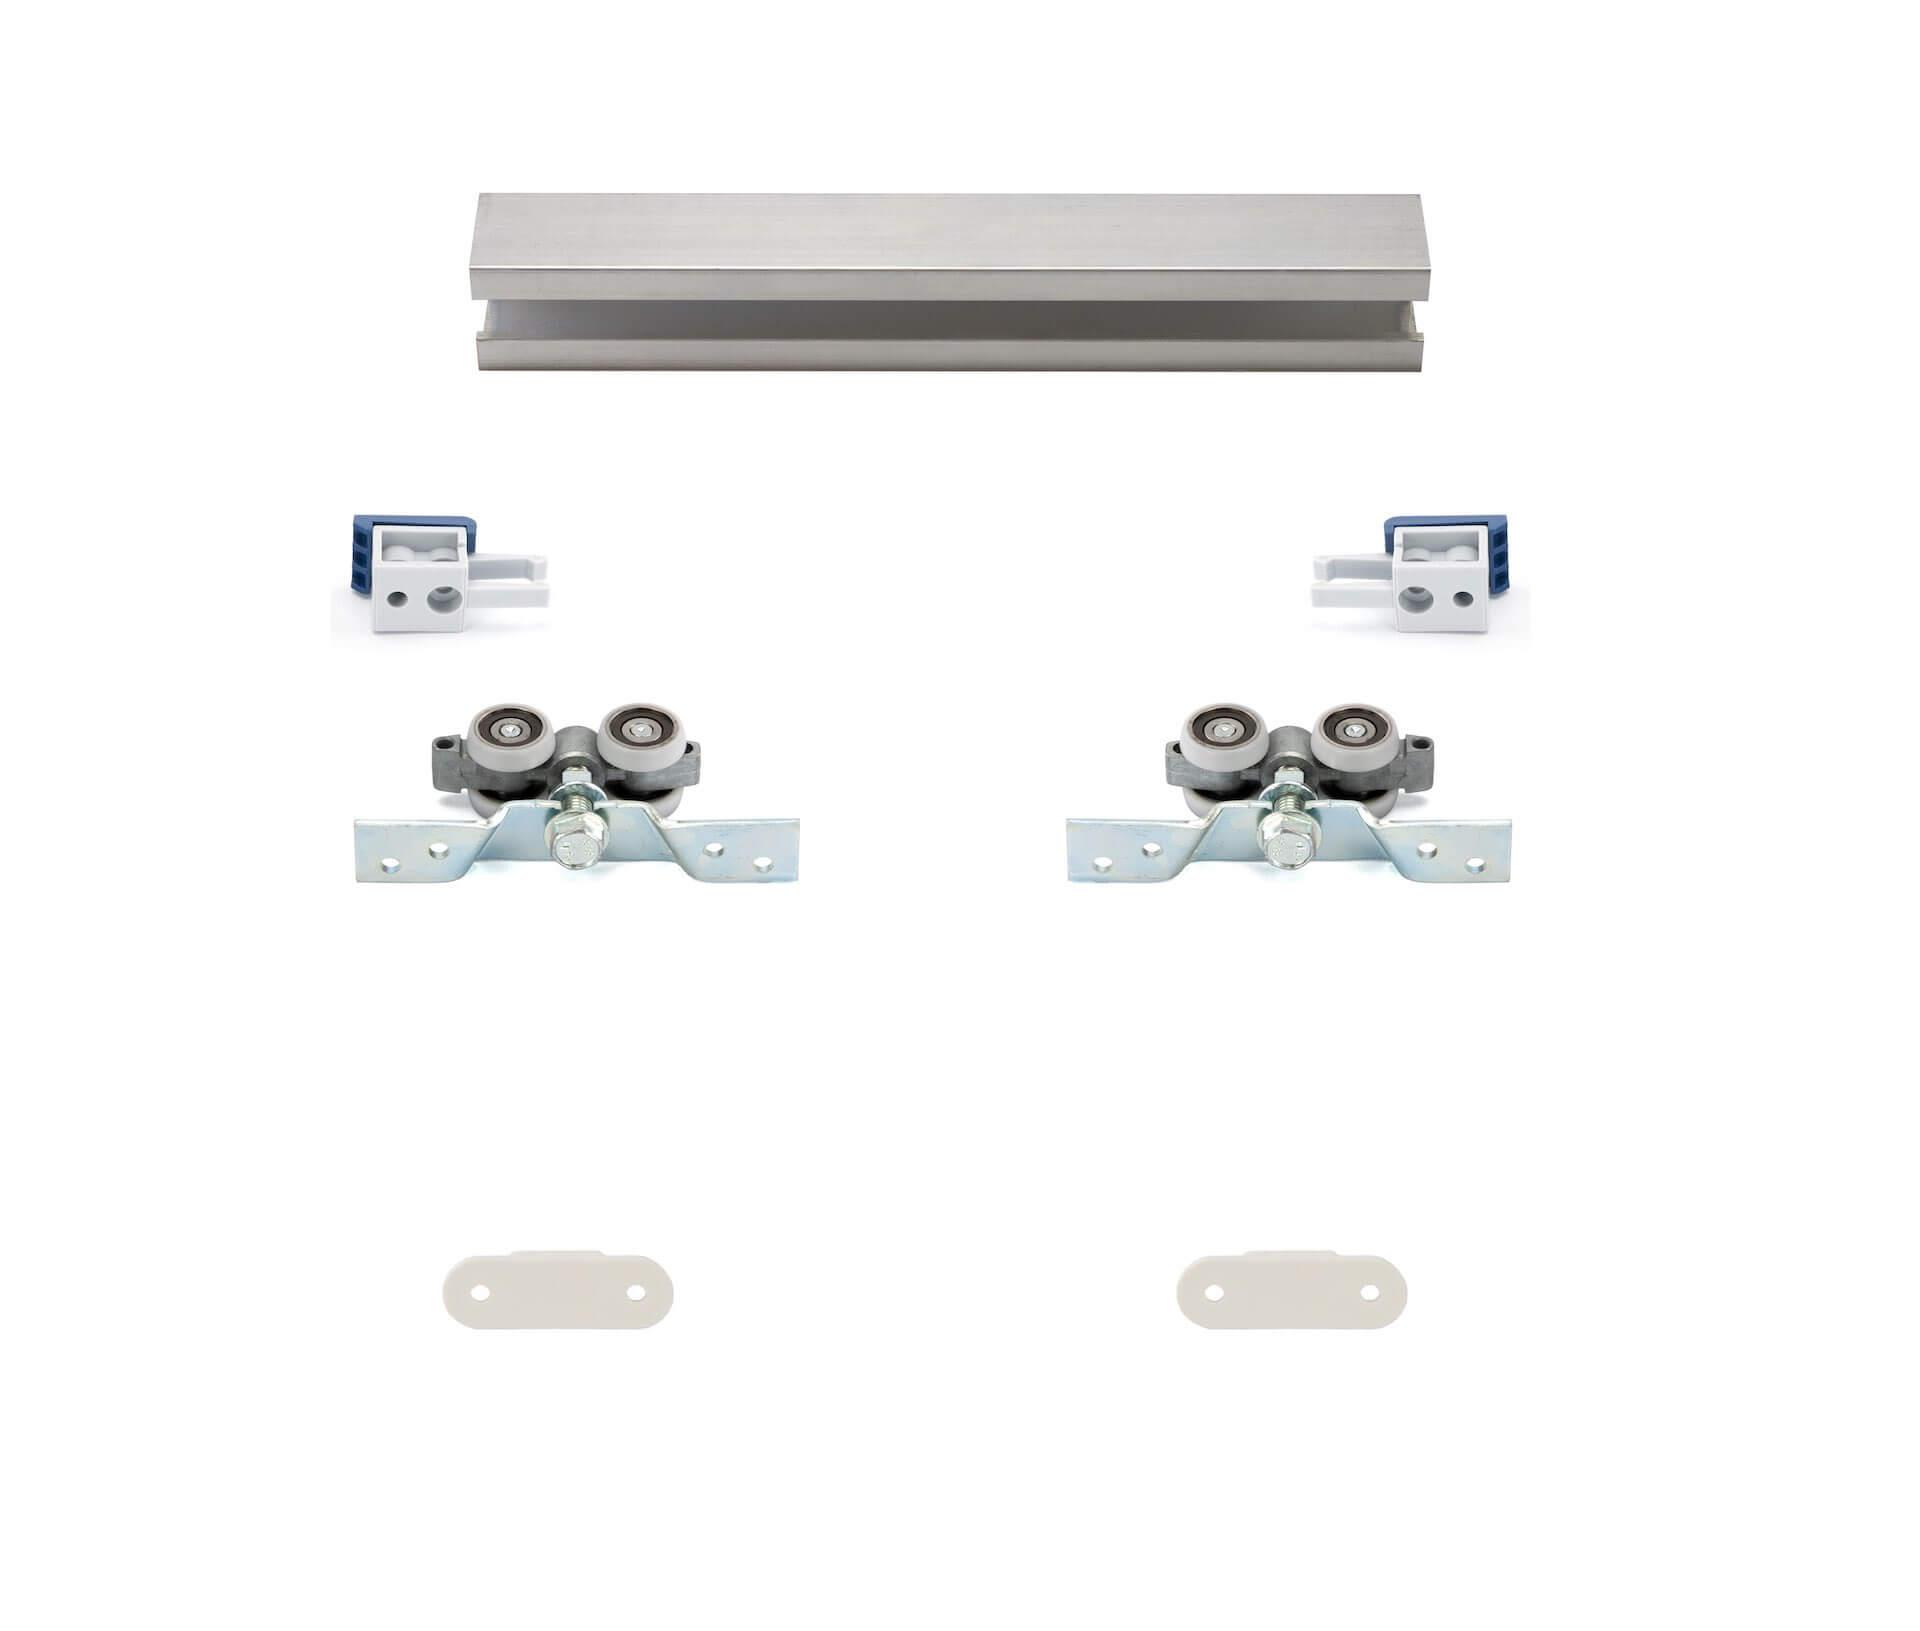 HS-Standard | Schiebetür-Bausatz Hängesystem für Durchgangs-Türen